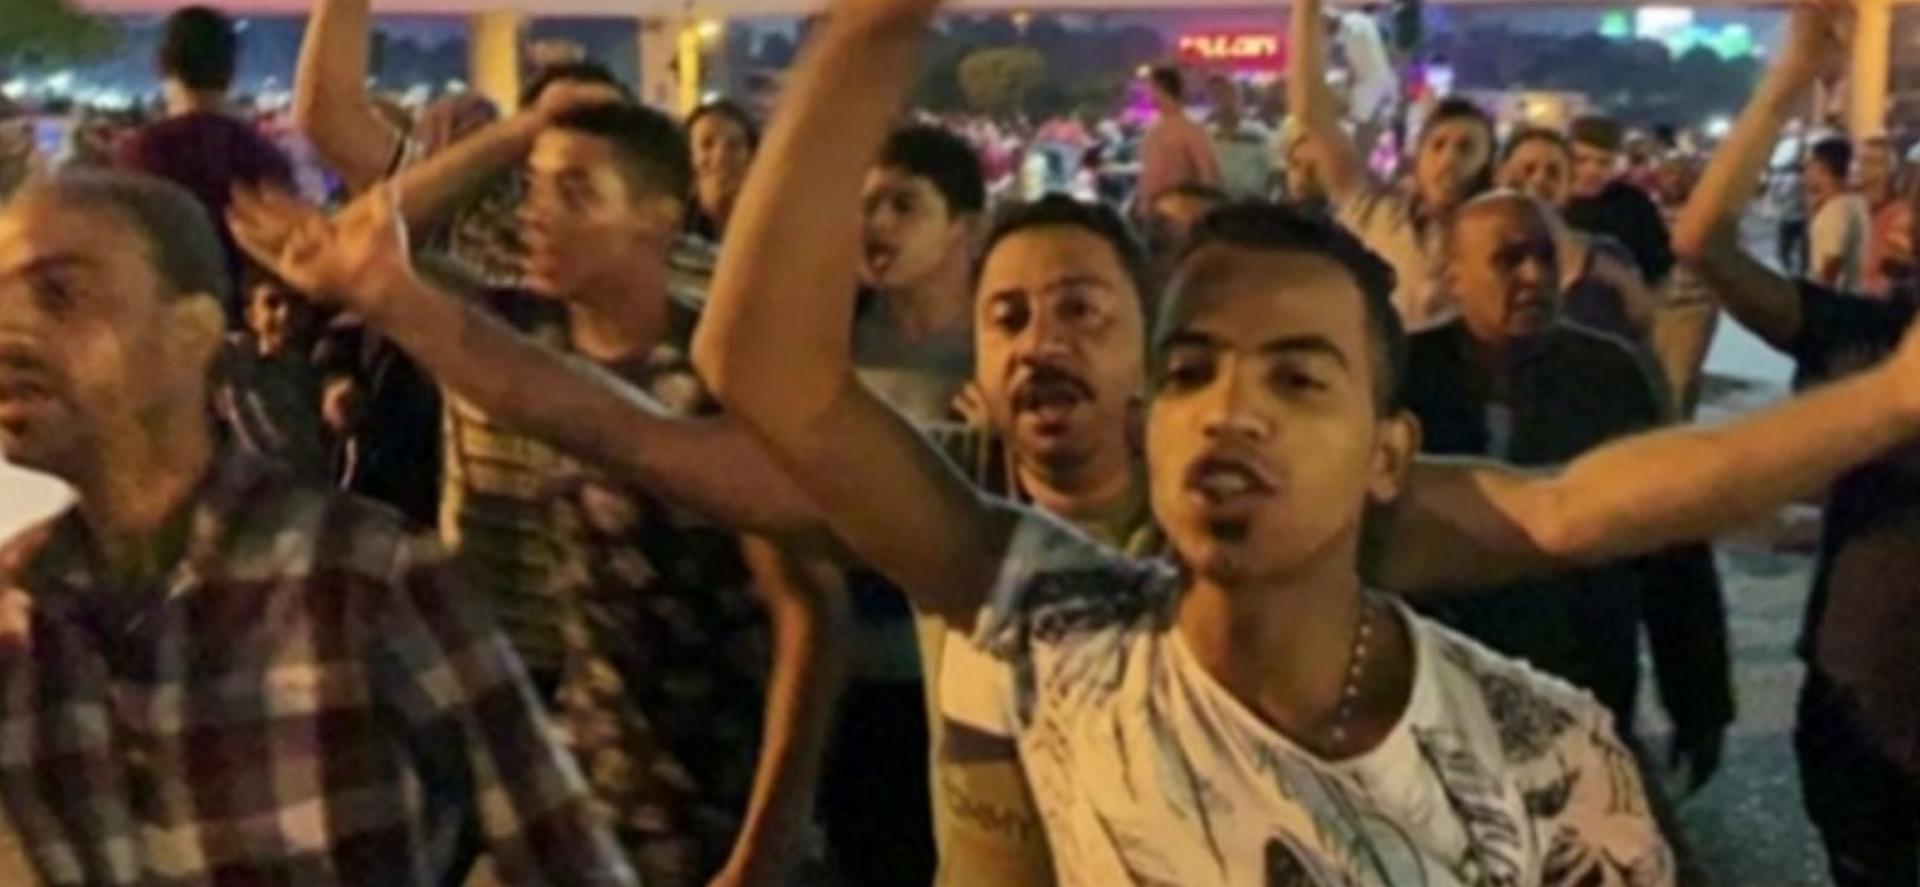 Mısır'da halk sokaklara indi: 'Defol Sisi seni istemiyoruz'